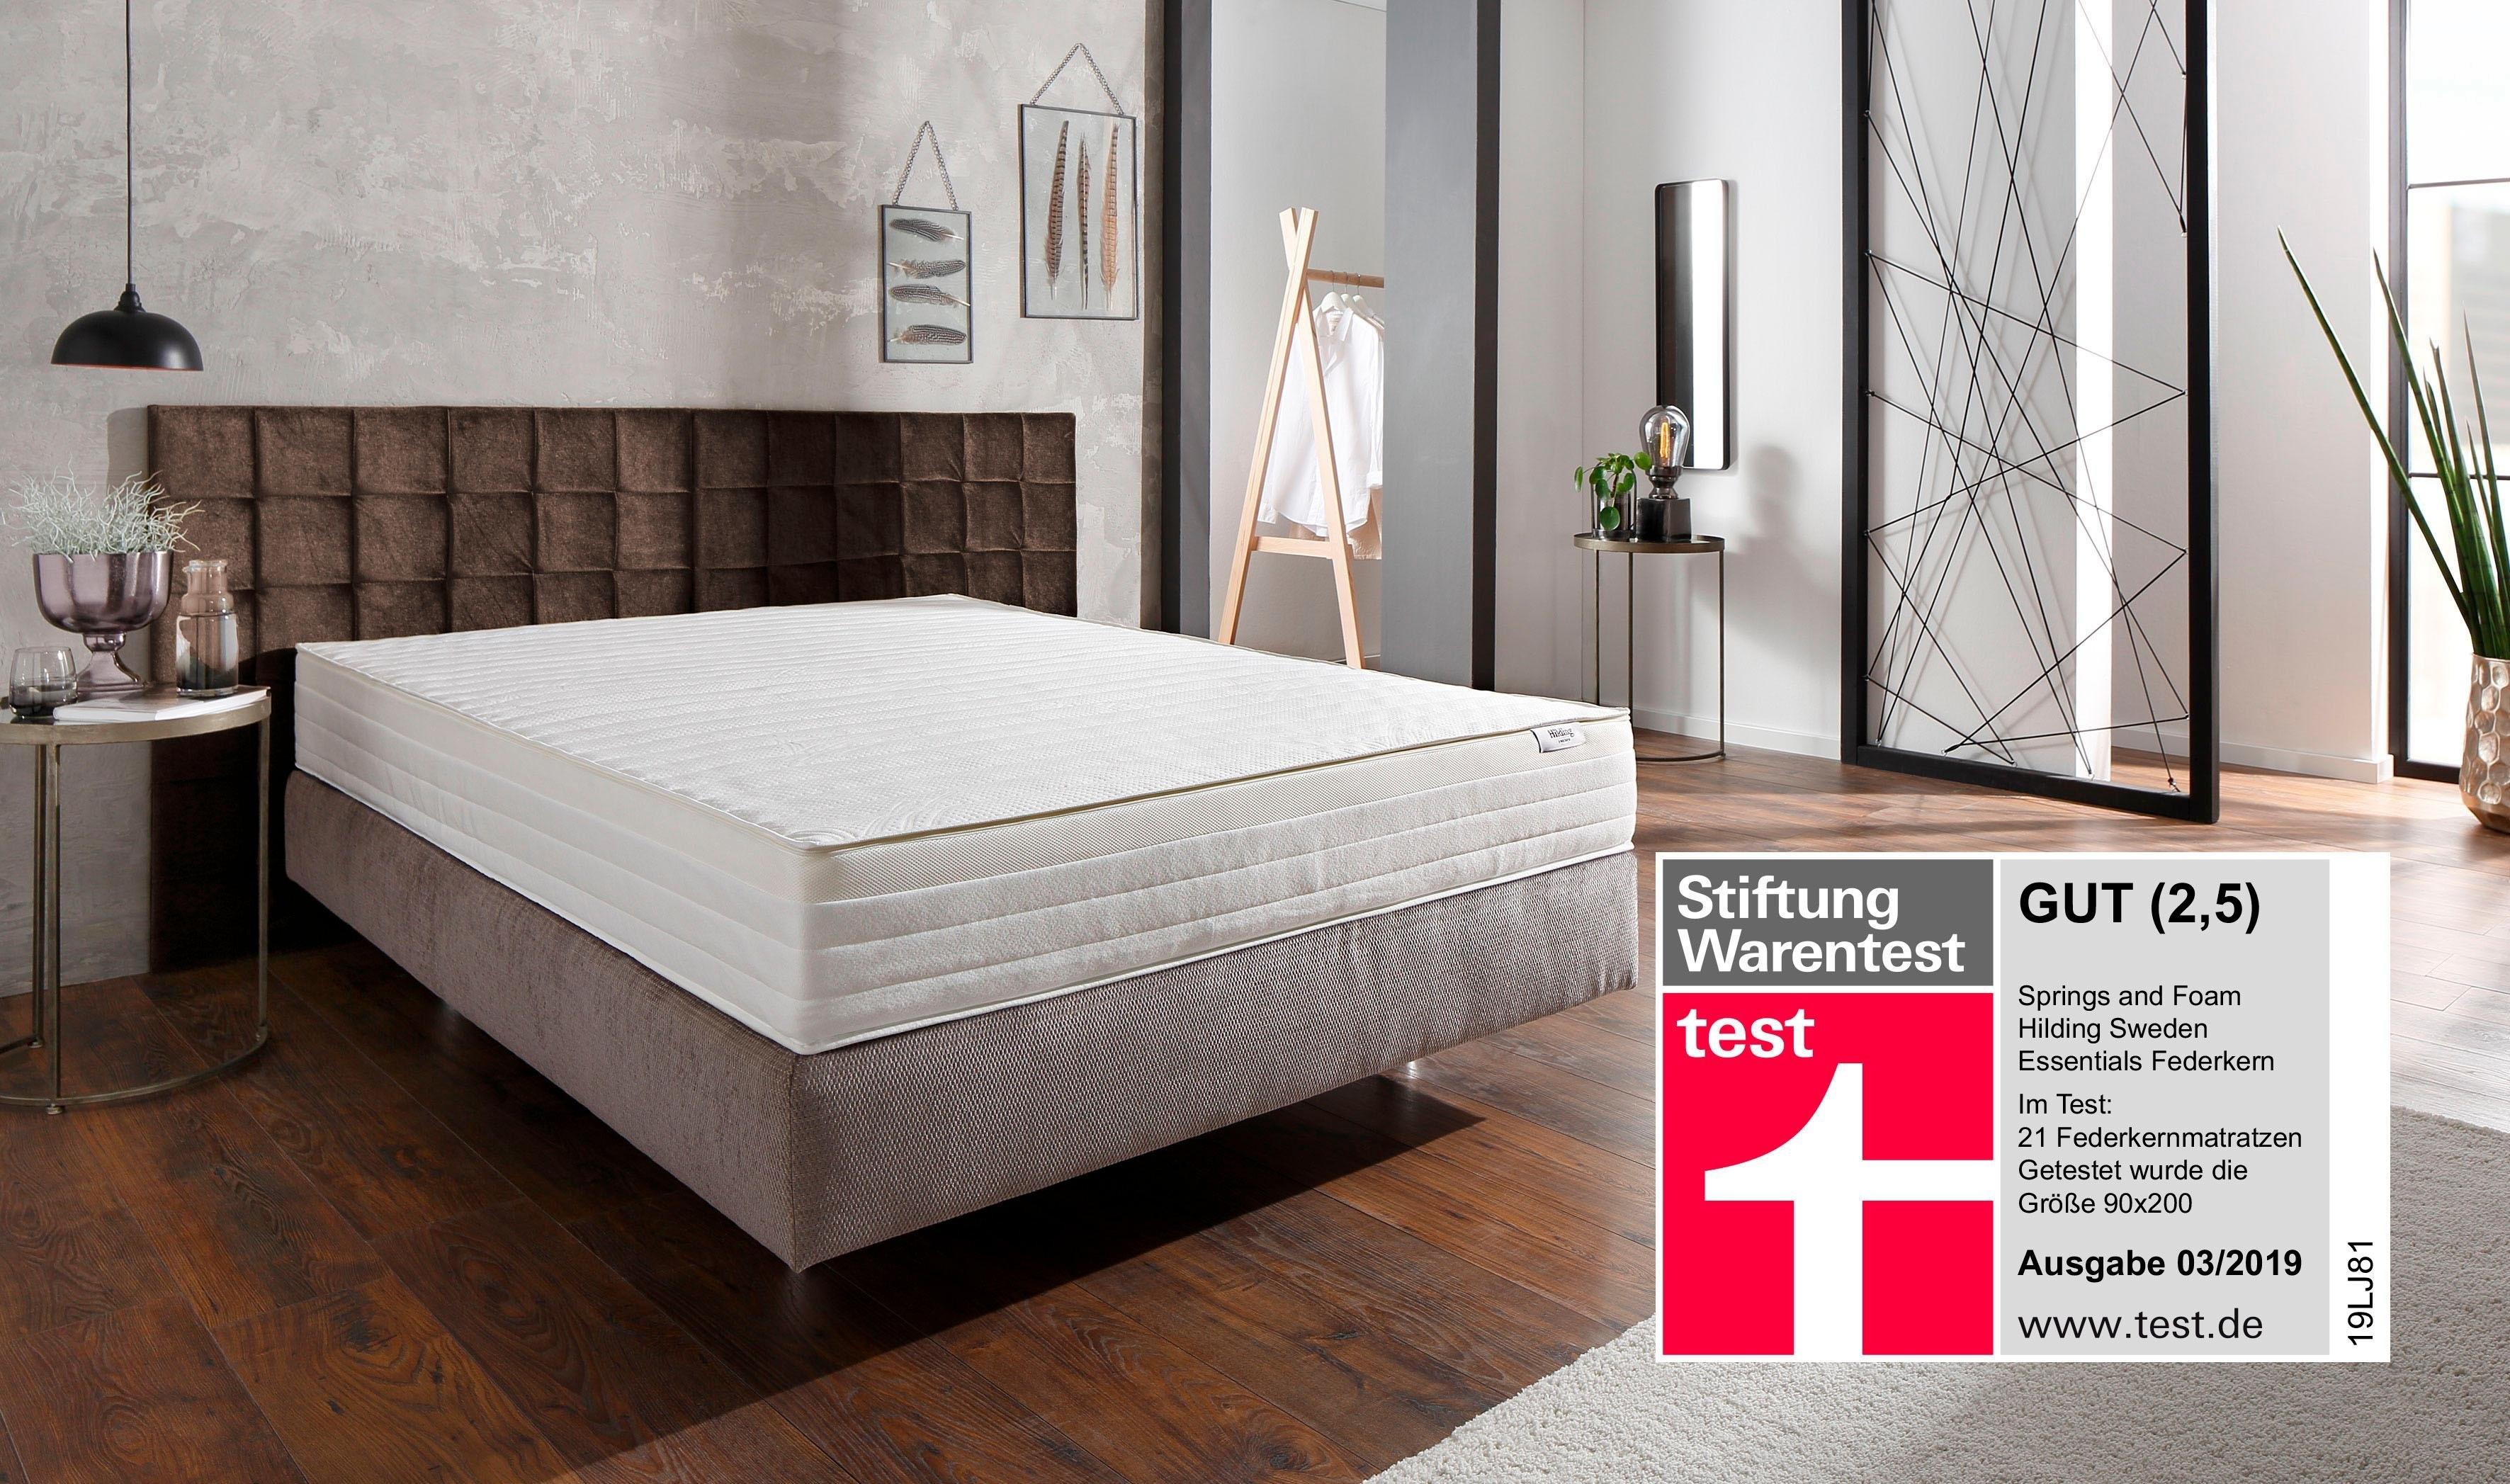 Hilding Sweden Pocketveringsmatras »Essentials«, 21,5 cm dik bij OTTO online kopen